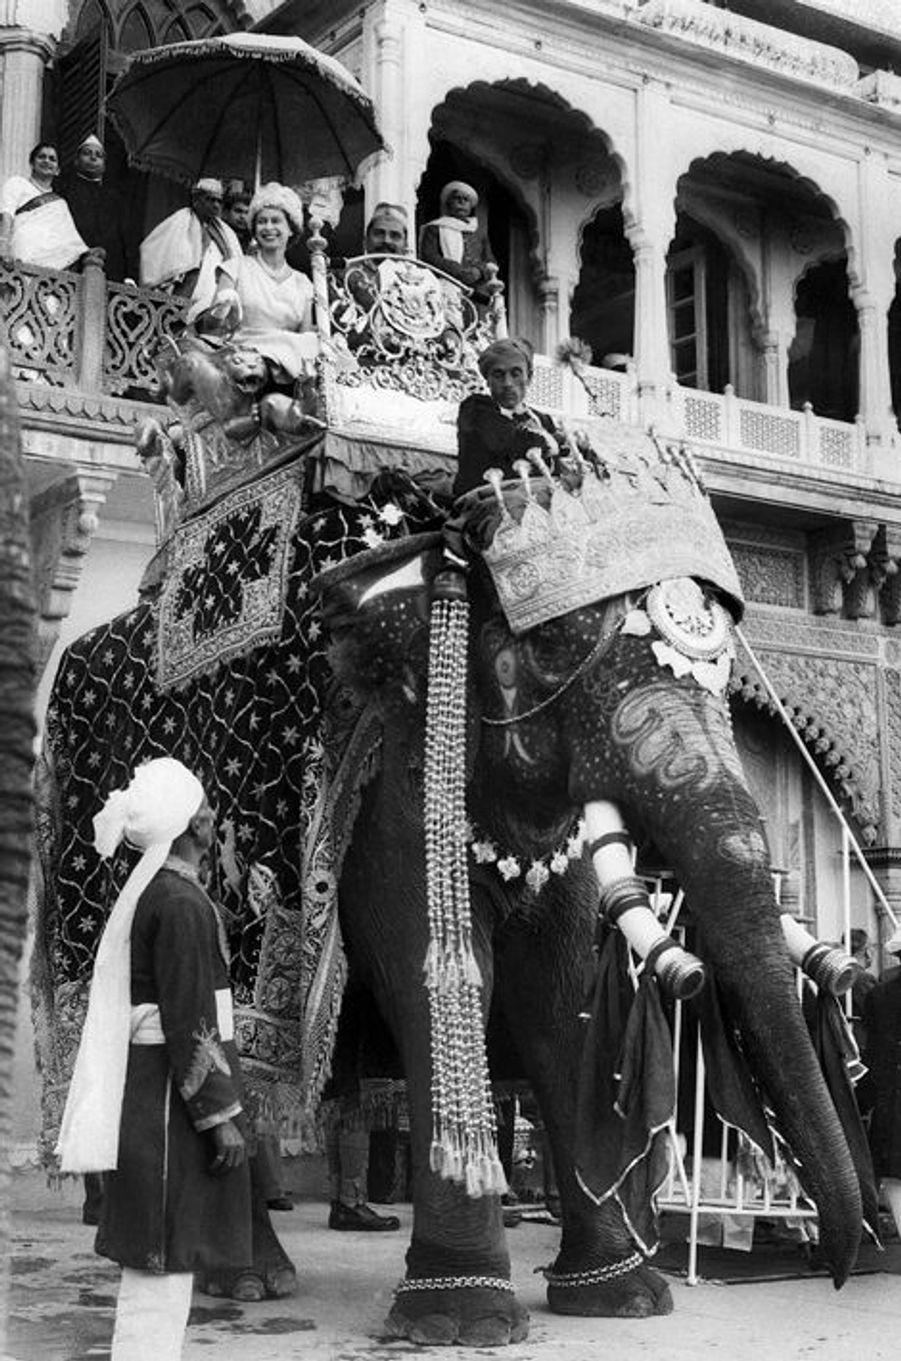 La reine Elizabeth II à New Delhi, en 1961